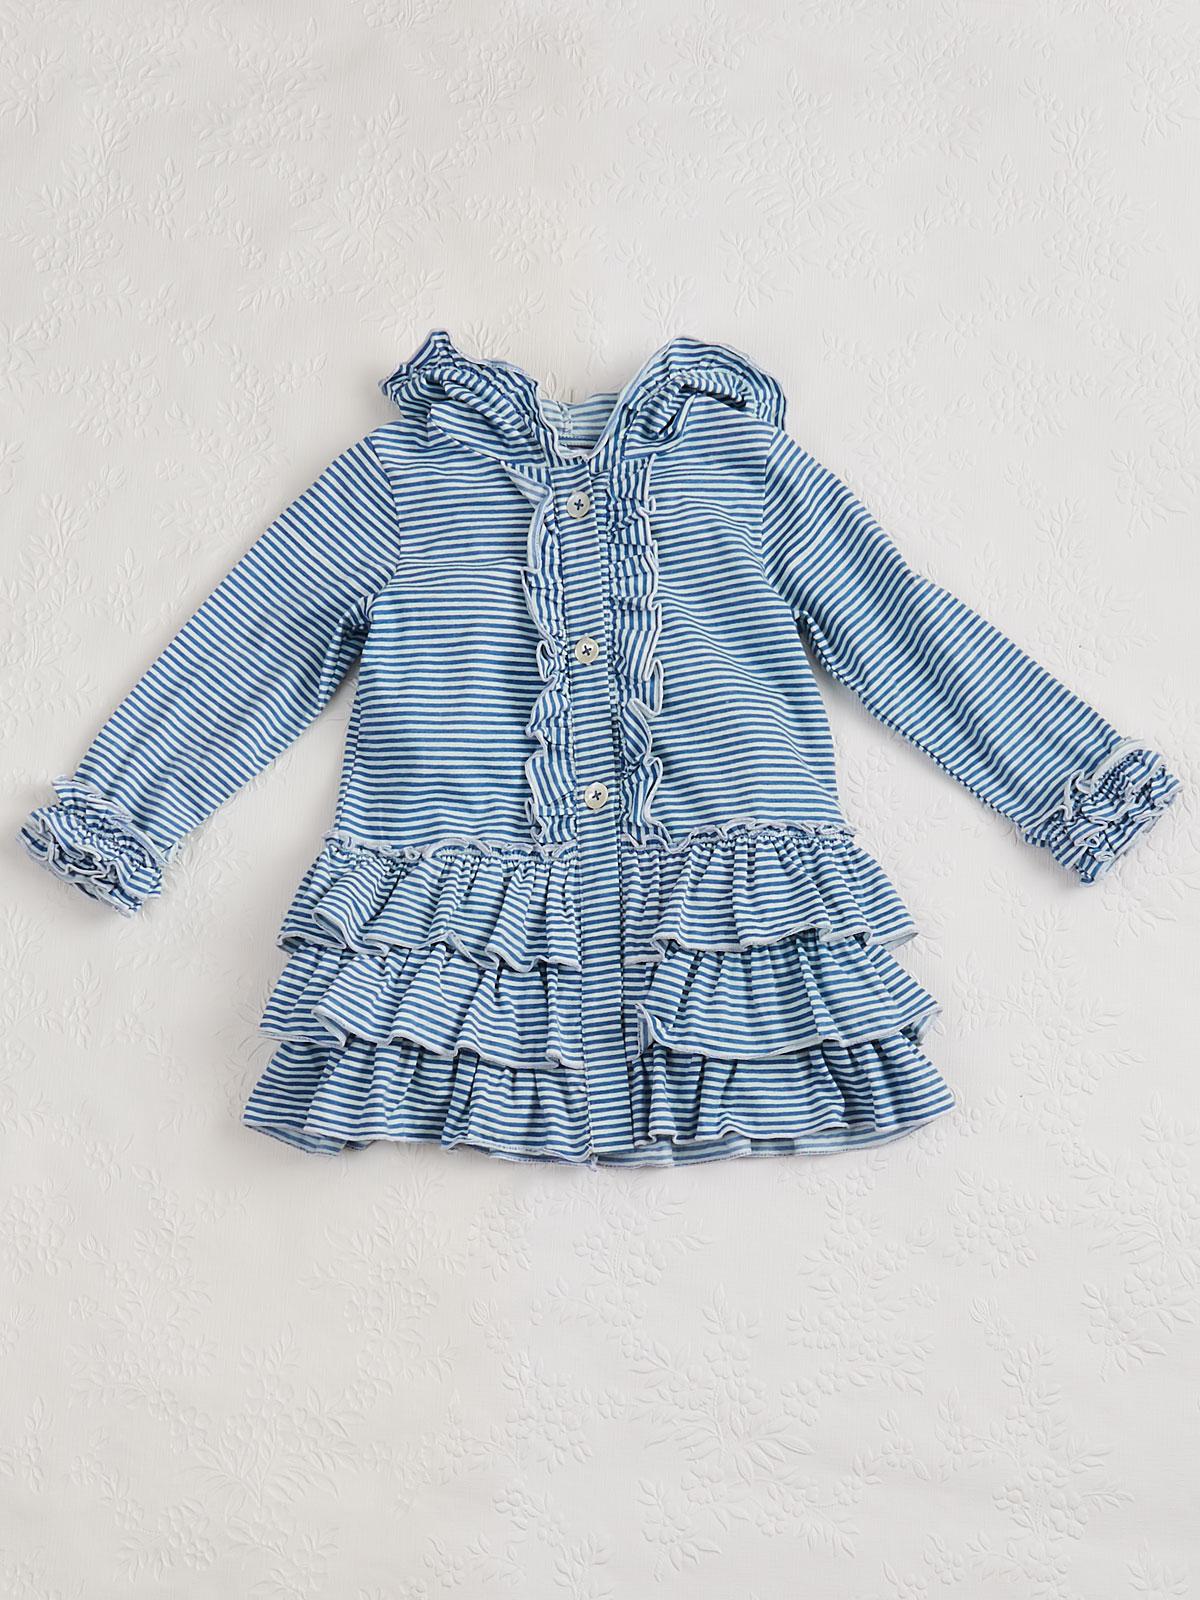 Seaside Stripe Girls Jacket